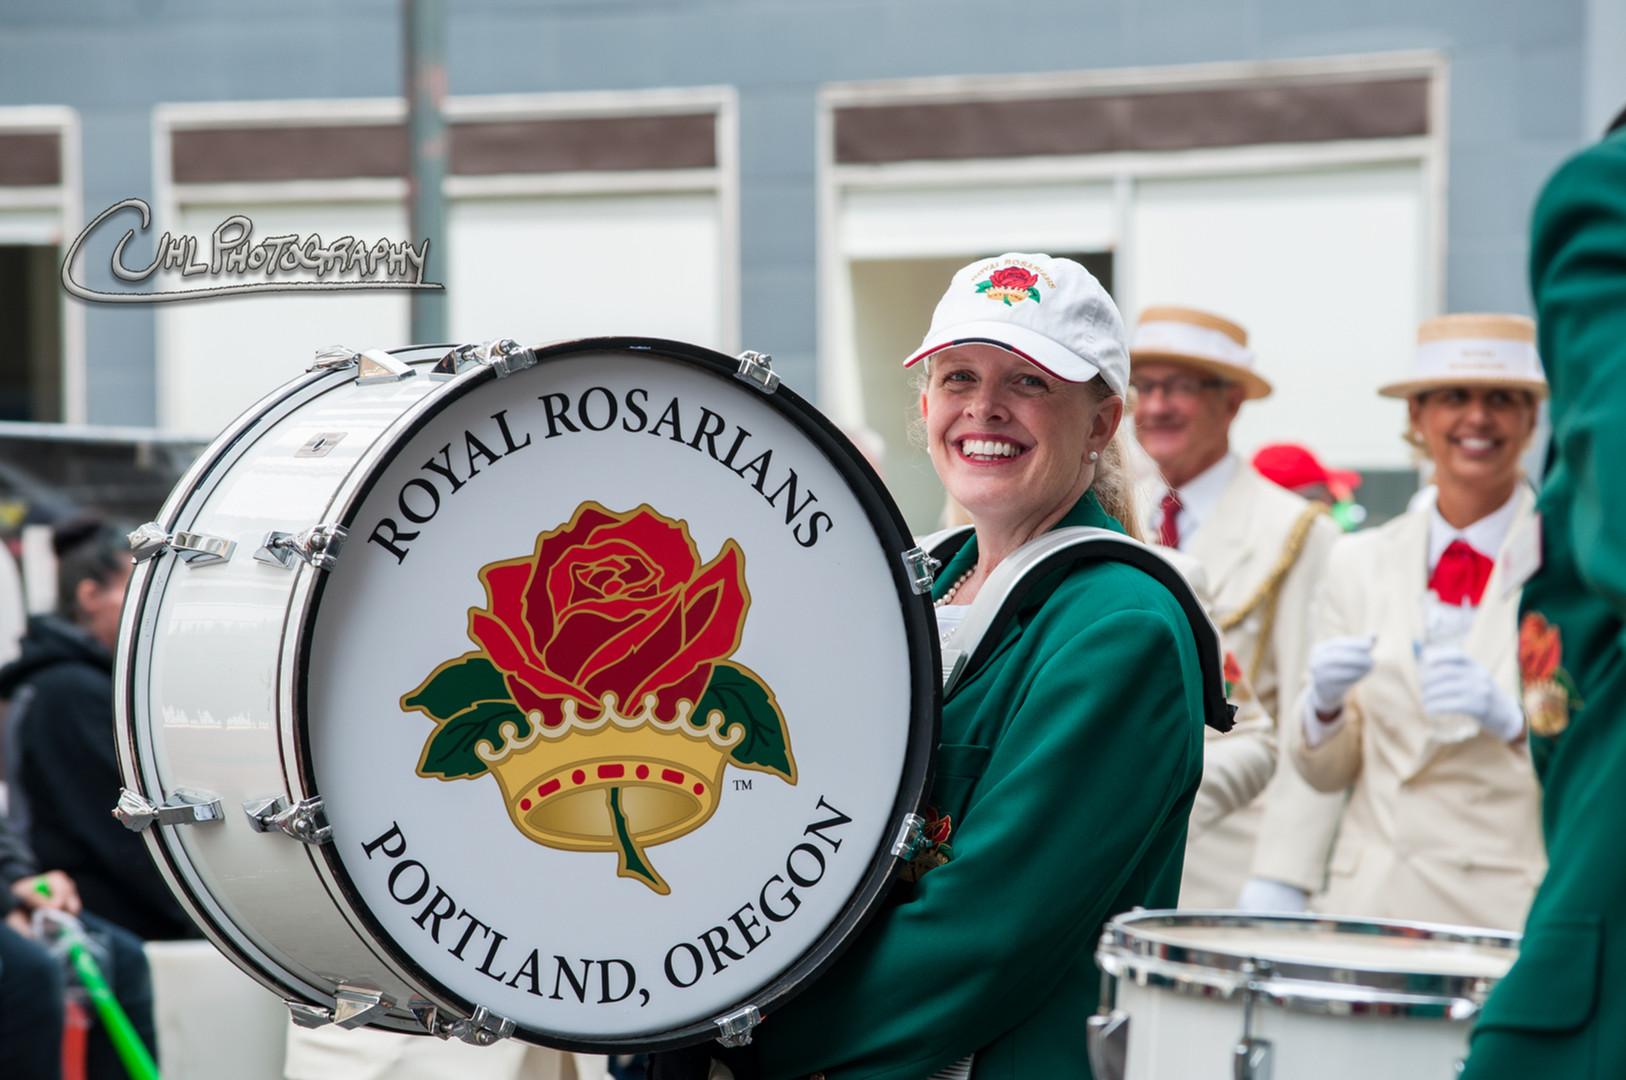 Royal Rosarian Band